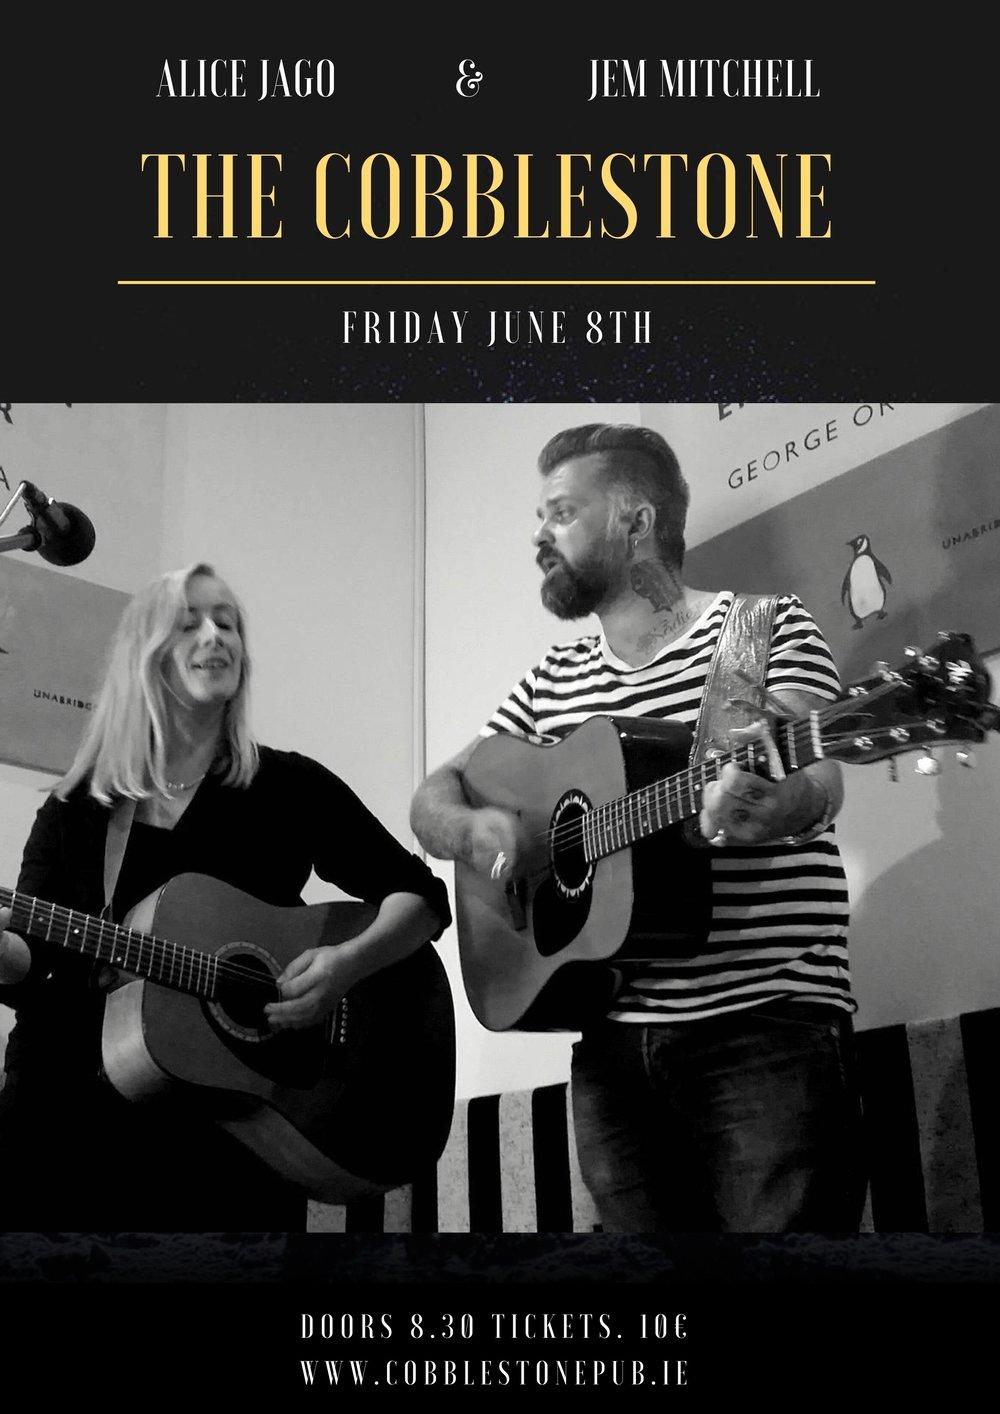 The Coblblestone